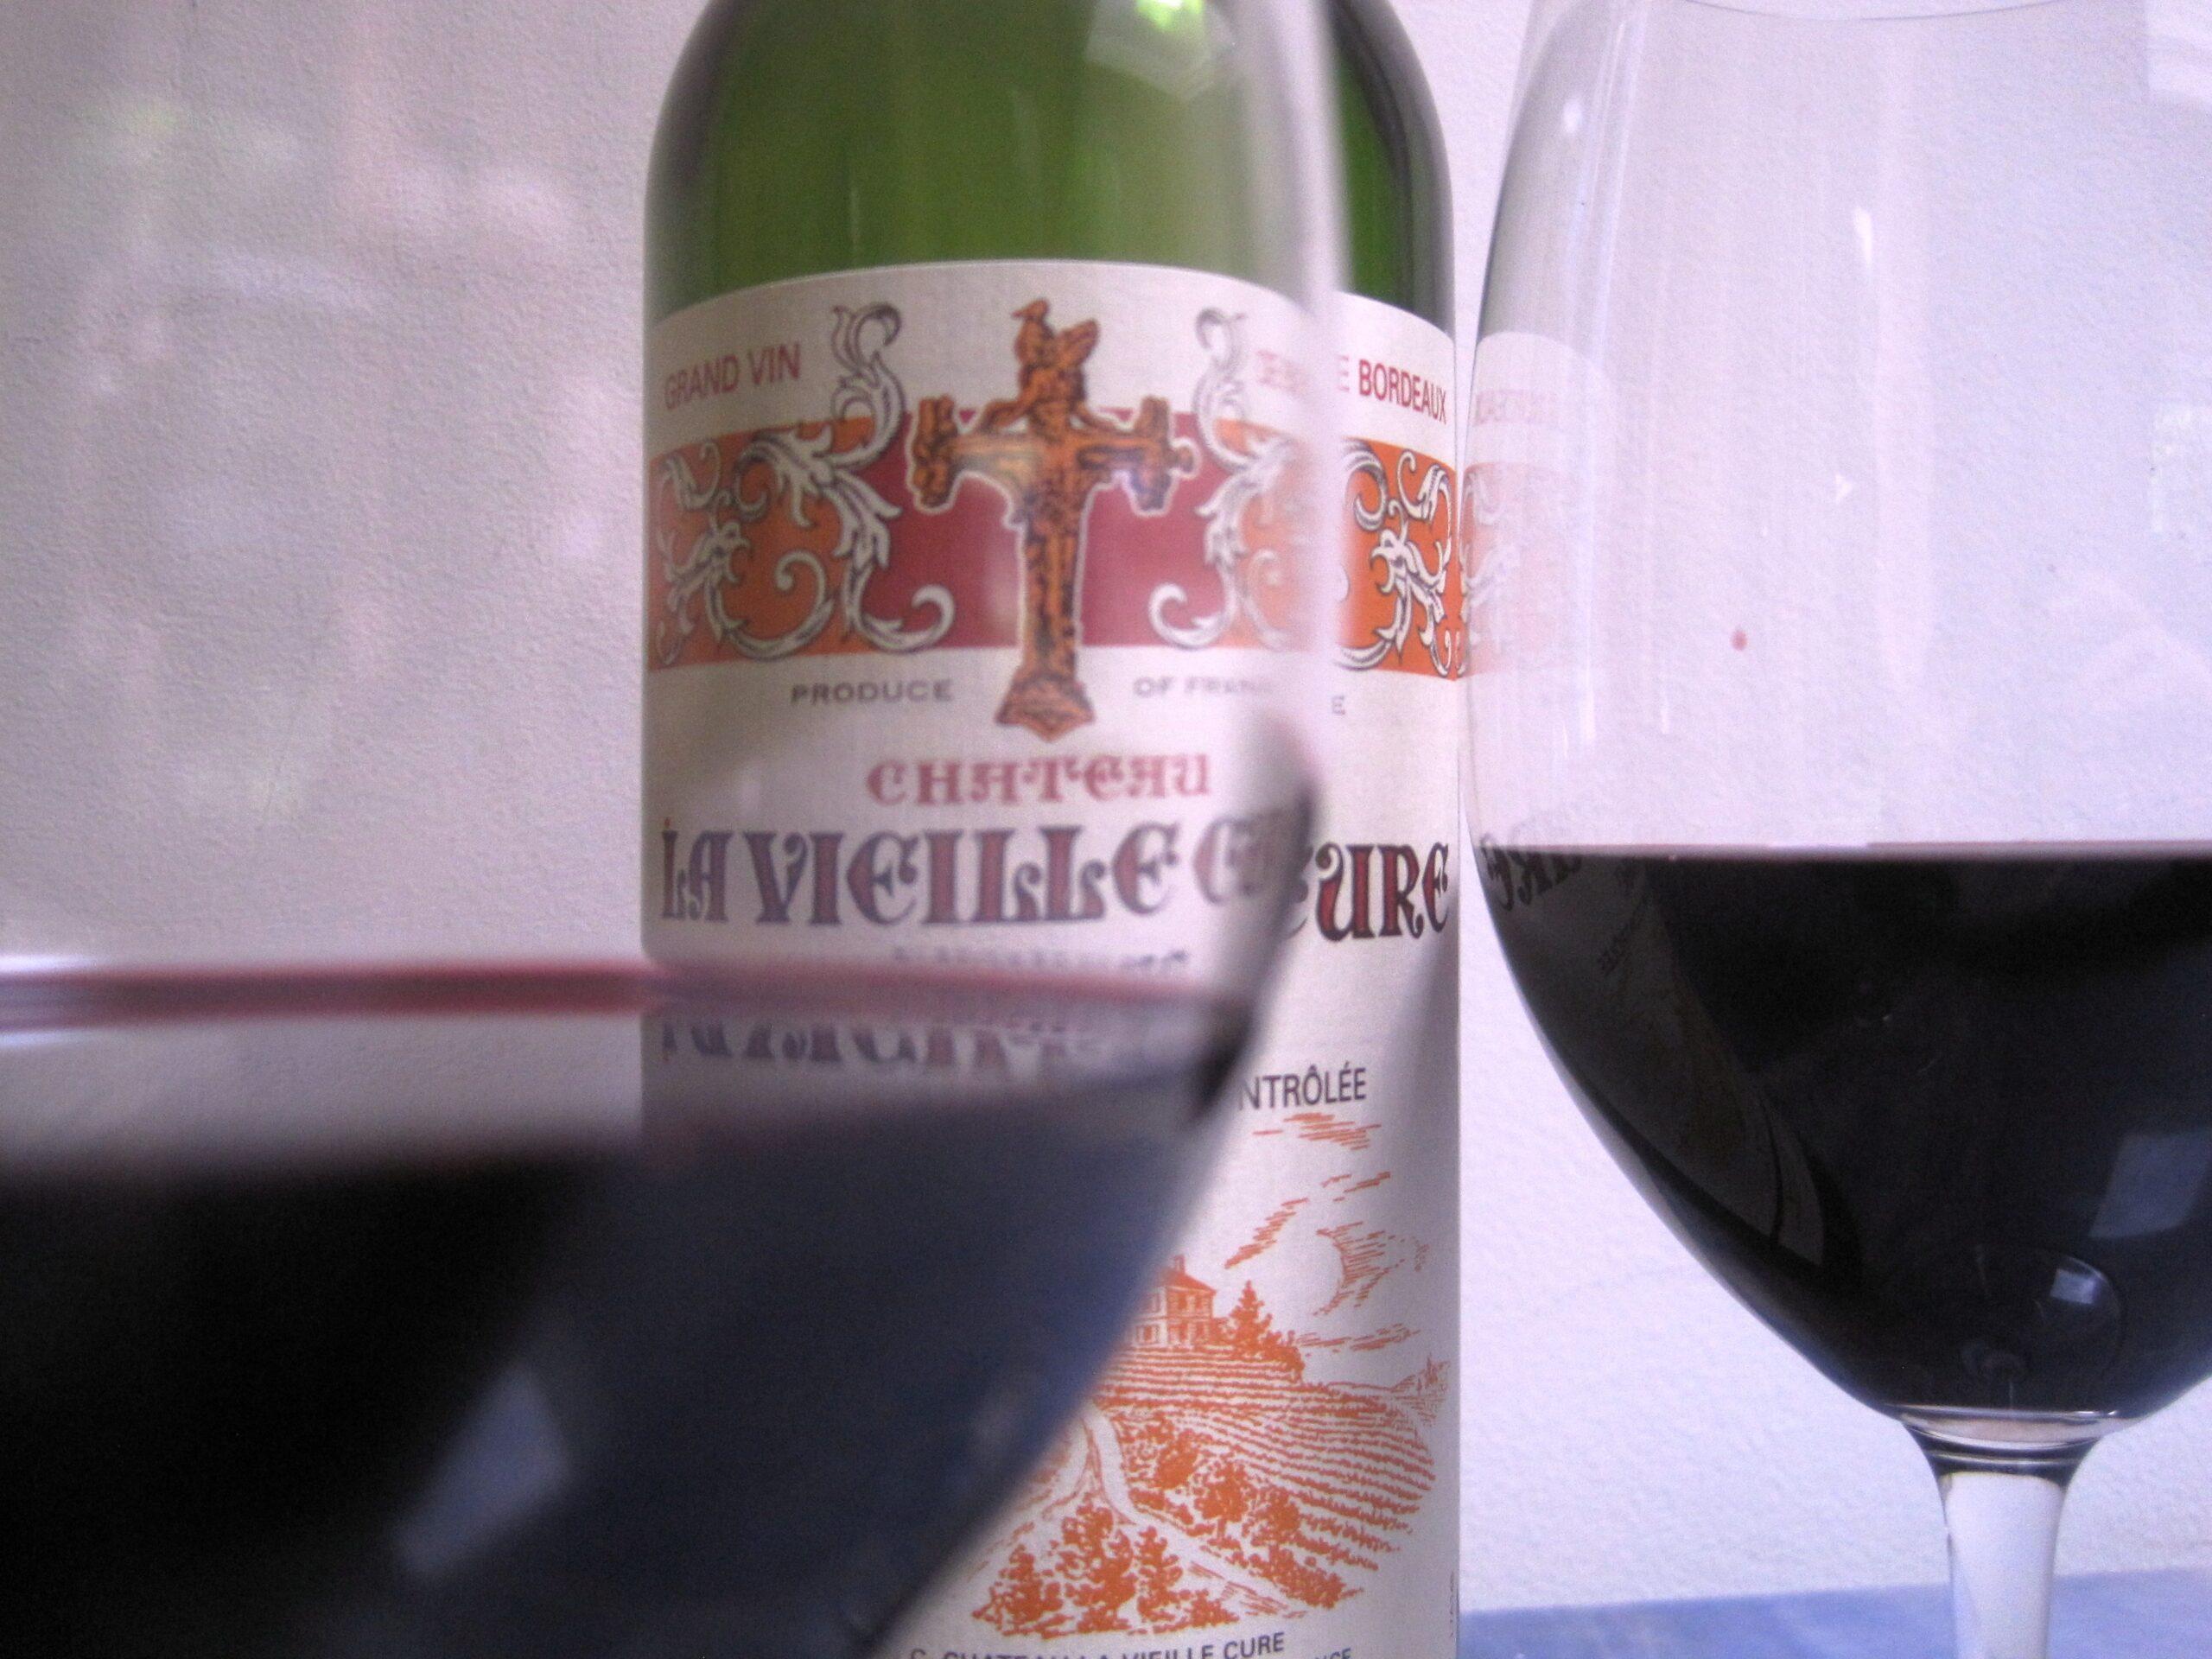 La Vieille Cure, Contender for best Bordeaux Value Wine